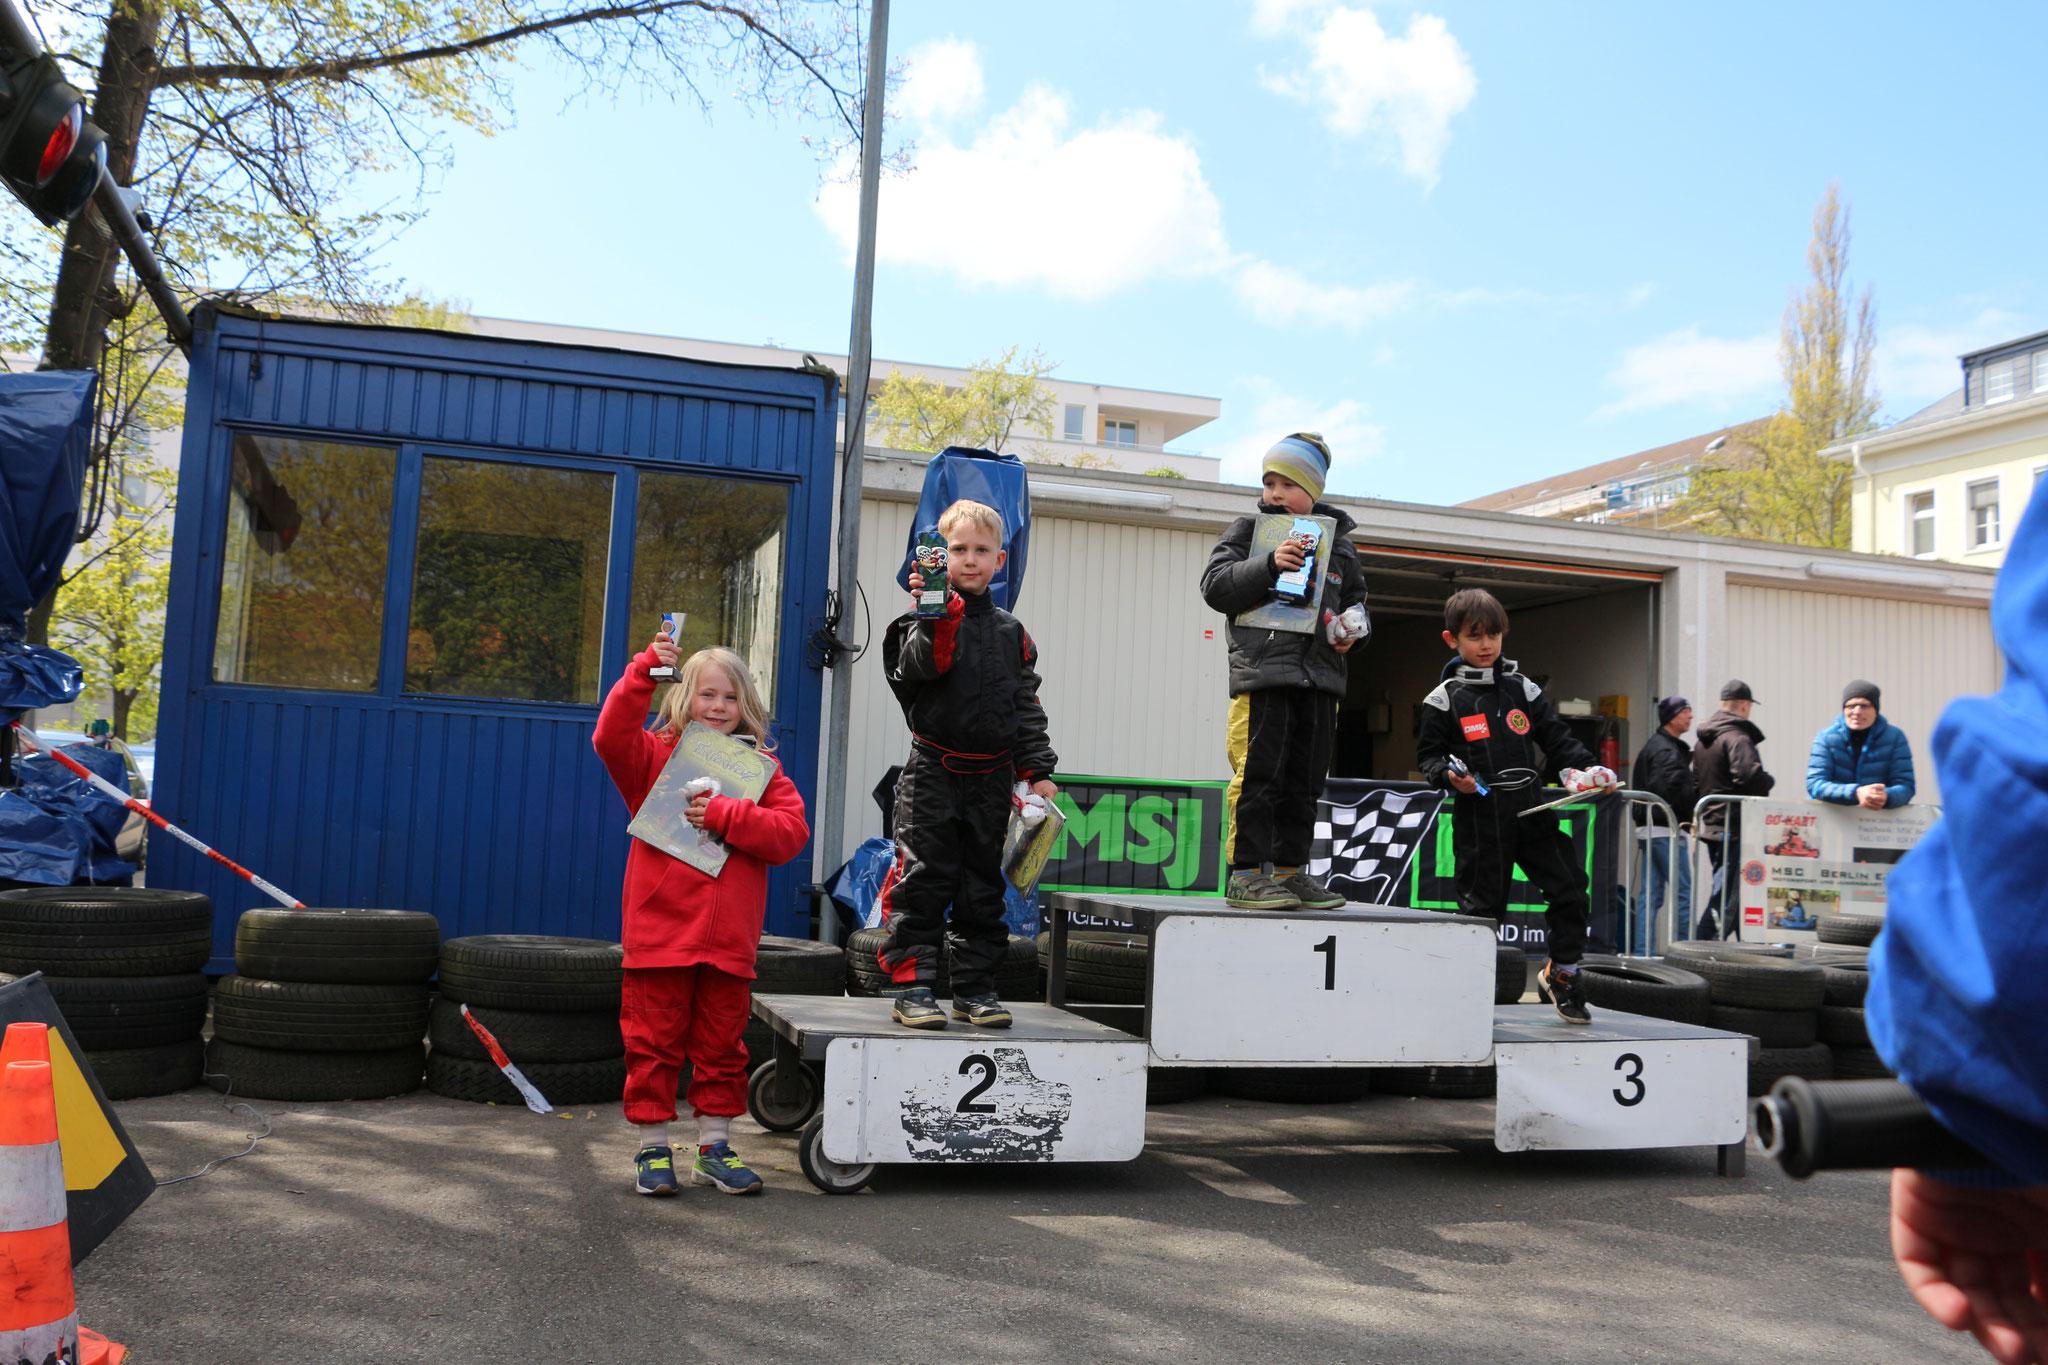 Siegerehrung Klasse 0 mit Jaron Gensow auf Platz 2 und Lina von Holt auf Platz 4